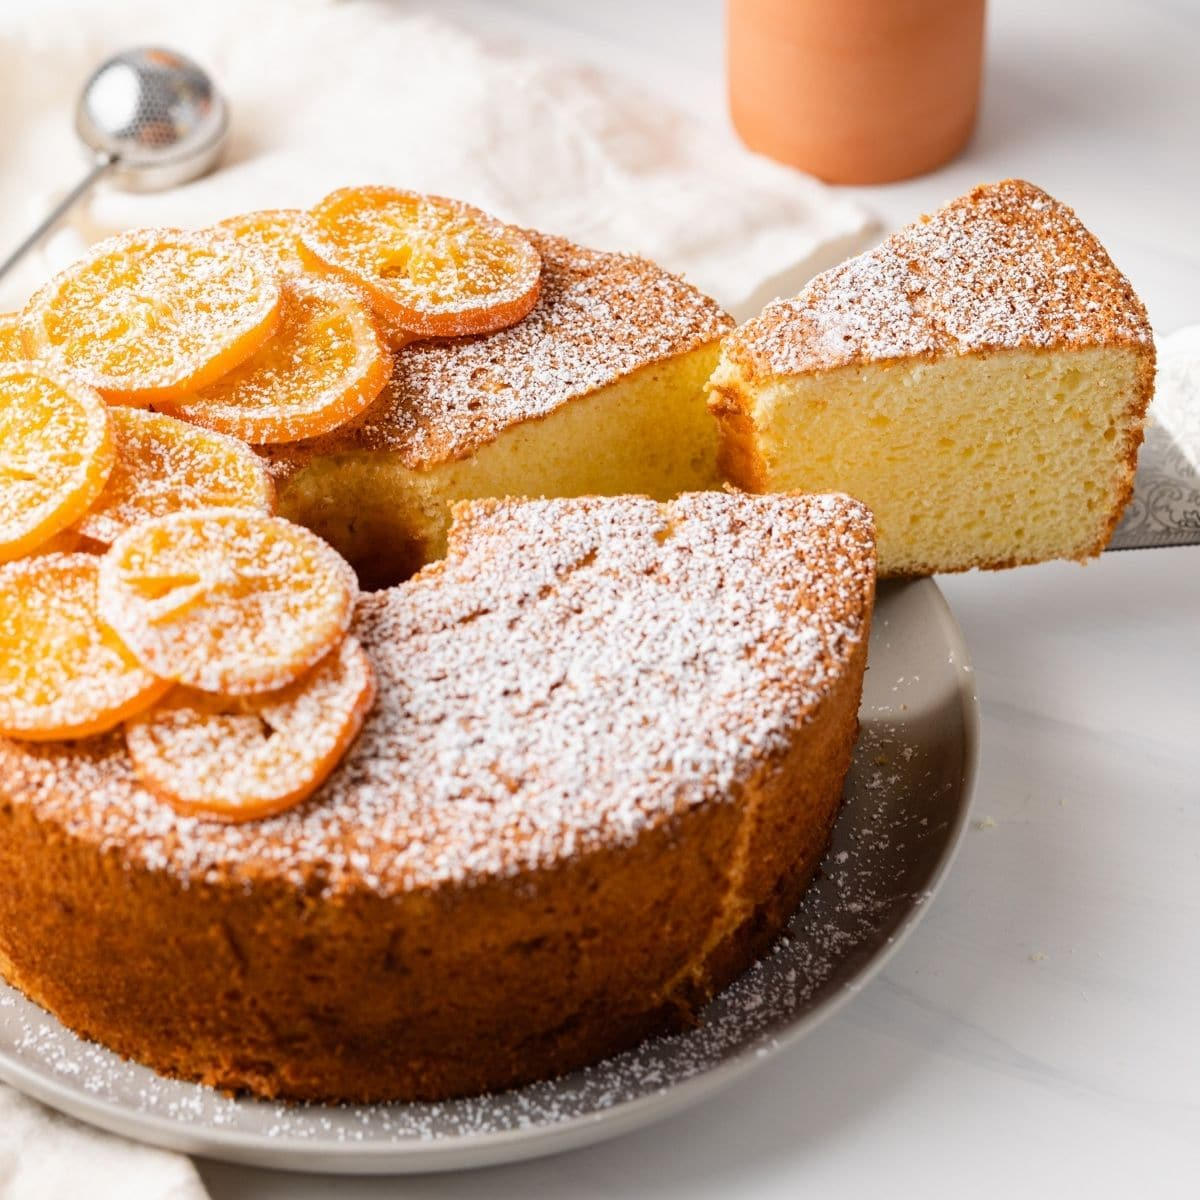 slice being taken out of orange chiffon cake